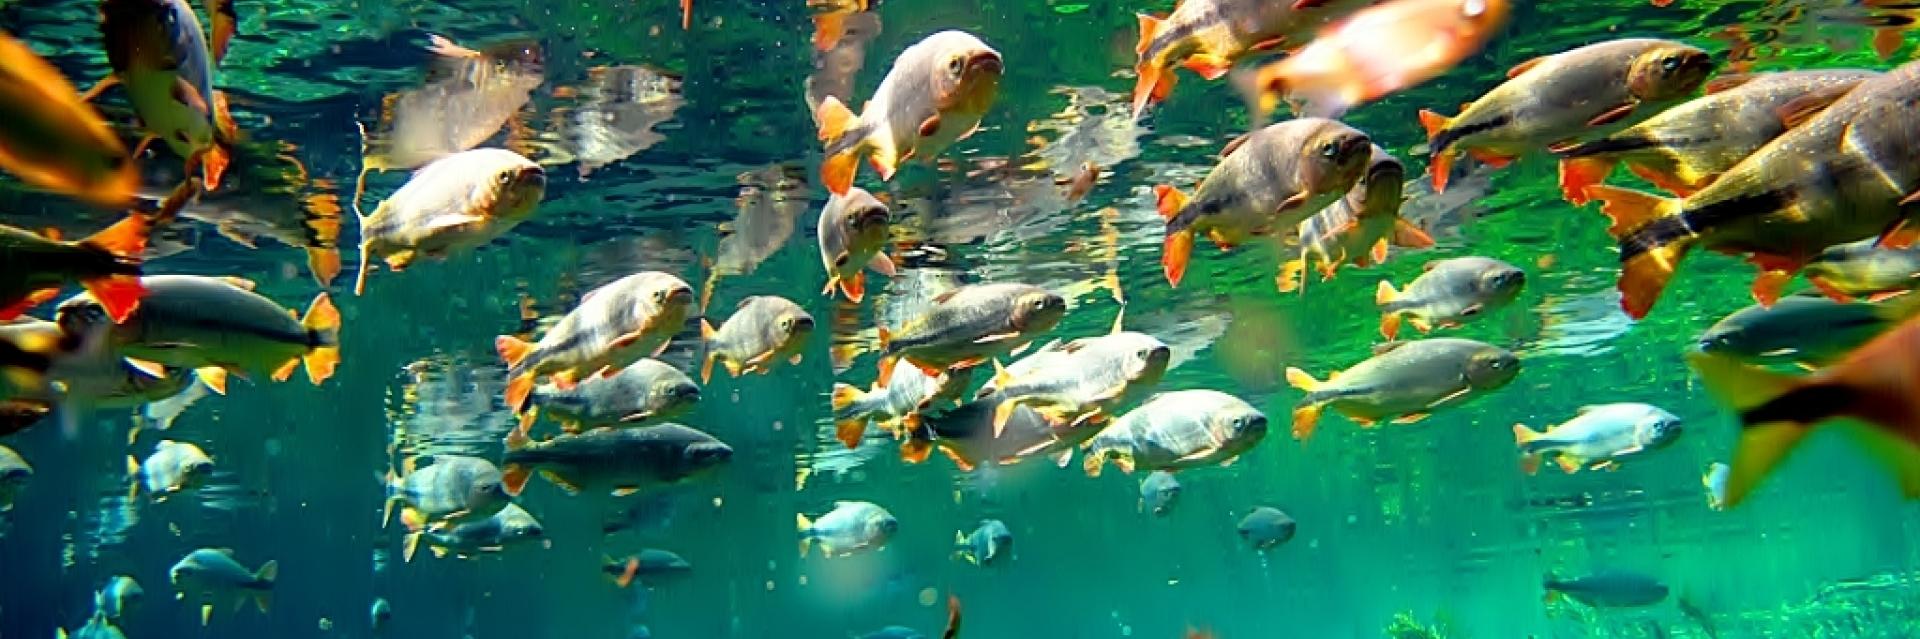 peixes-pantanal_1920_639_s_c1.jpg